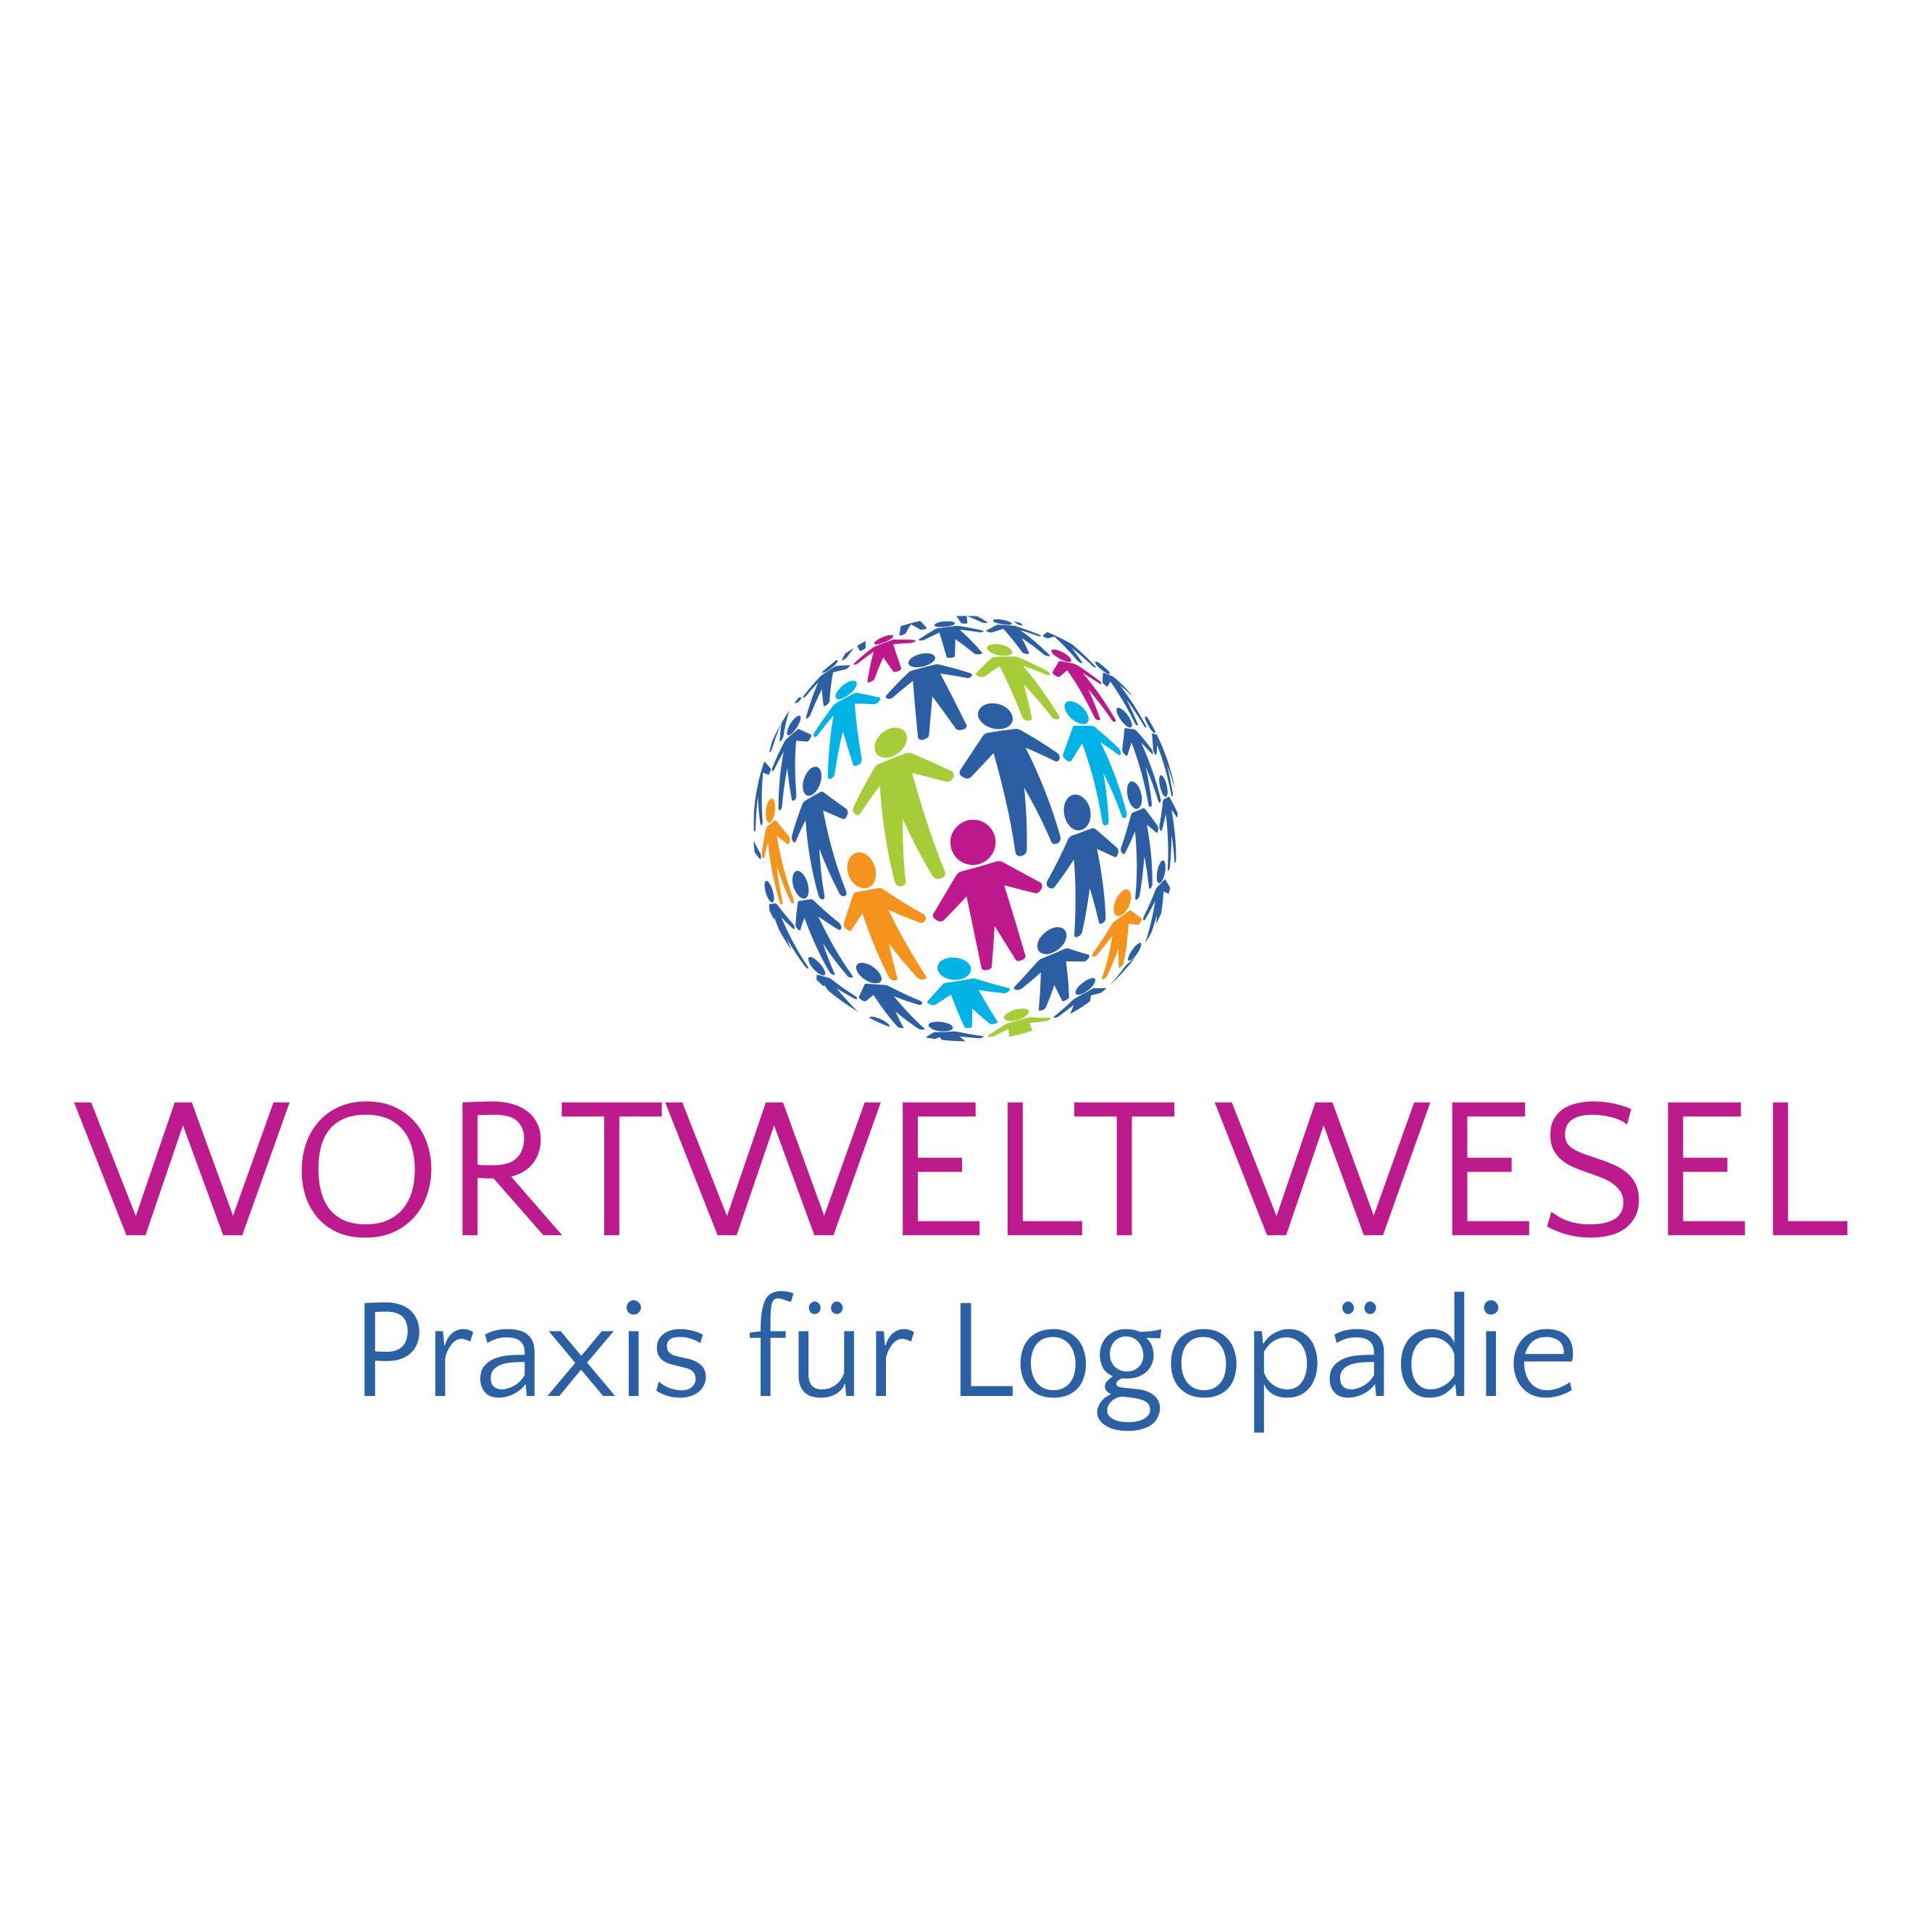 Bild zu WORTWELT WESEL - Praxis für Logopädie in Wesel